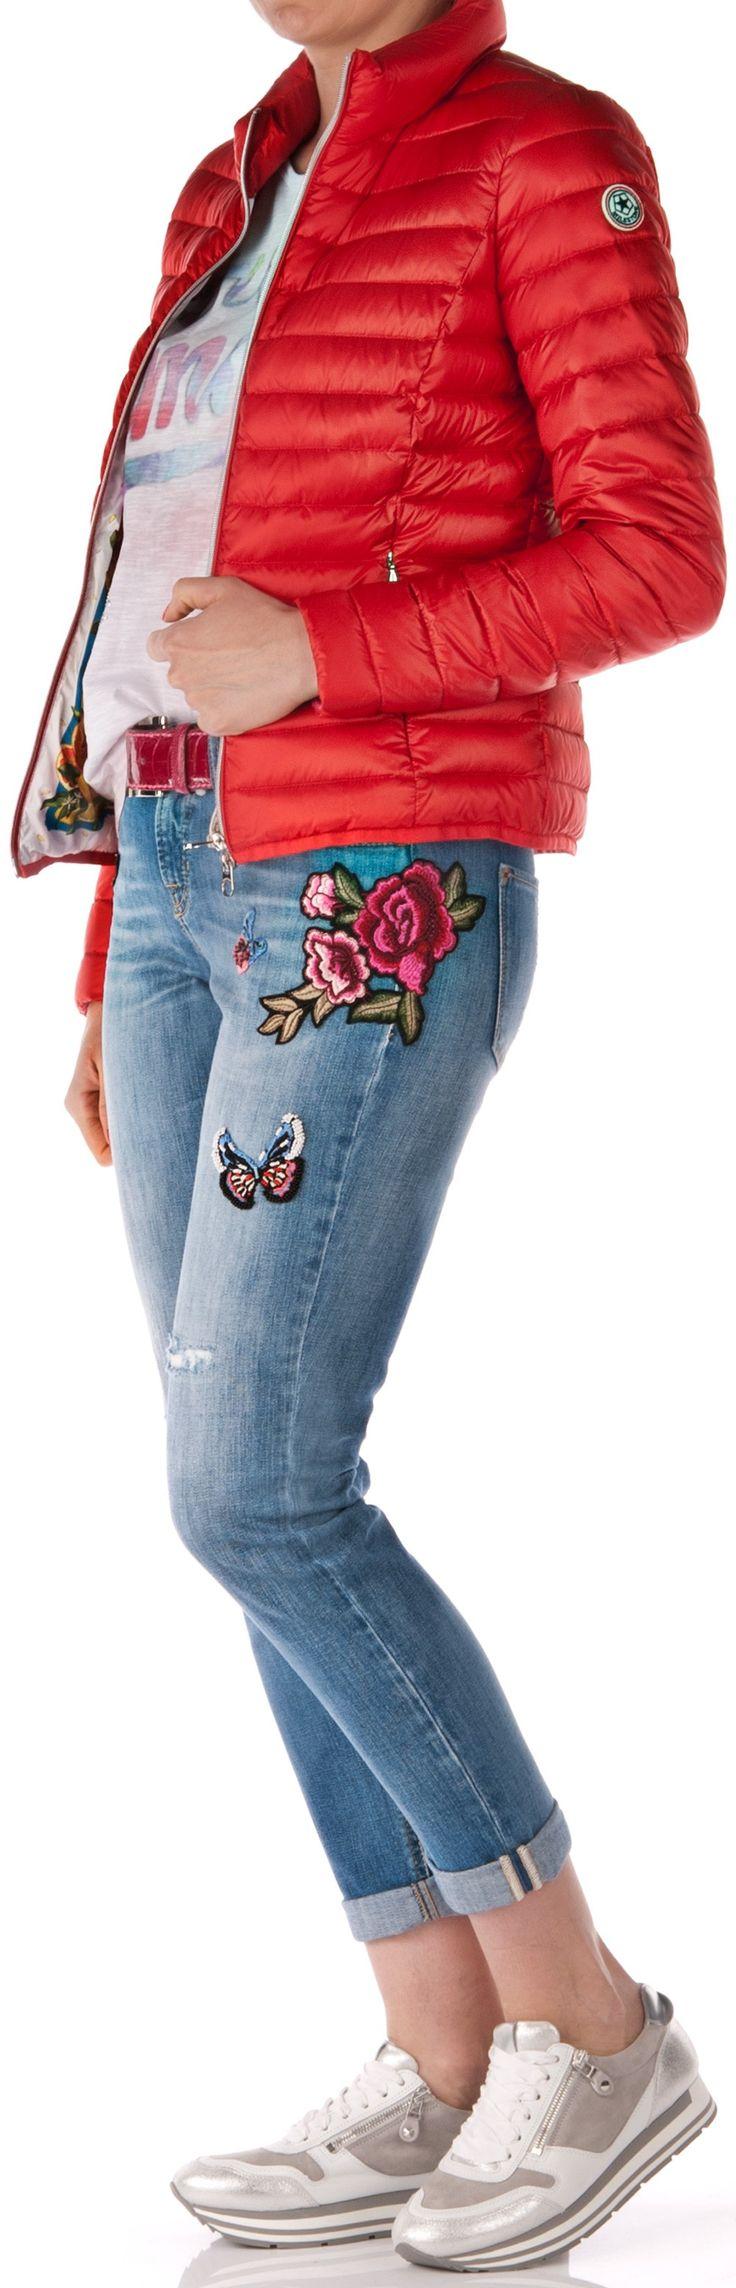 Jeans von Cambio Artikel Nr.: E8086 Modell: Laurie Schnitt: schmal, 7/8 Farbe: blau Nähte: blau Auswaschung: stark Applikation: Blumen-Patches, Perlenbesatz Destroyed: Verletzungen Hosenbein kann gekrempelt werden Gürtel...